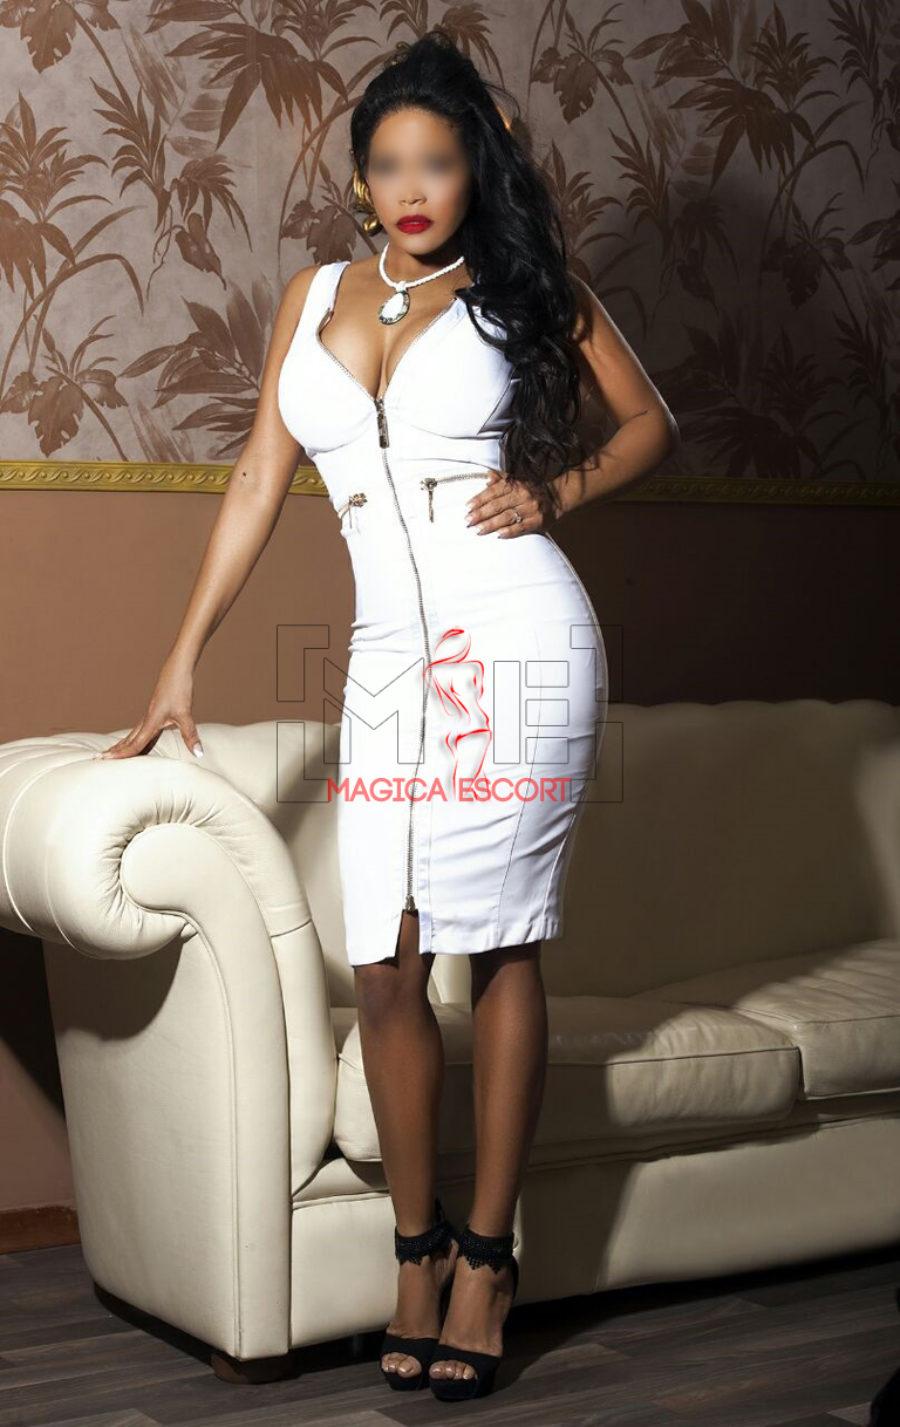 Linda escort Brescia mostra una scollatura profonda indossando questo abito bianco.